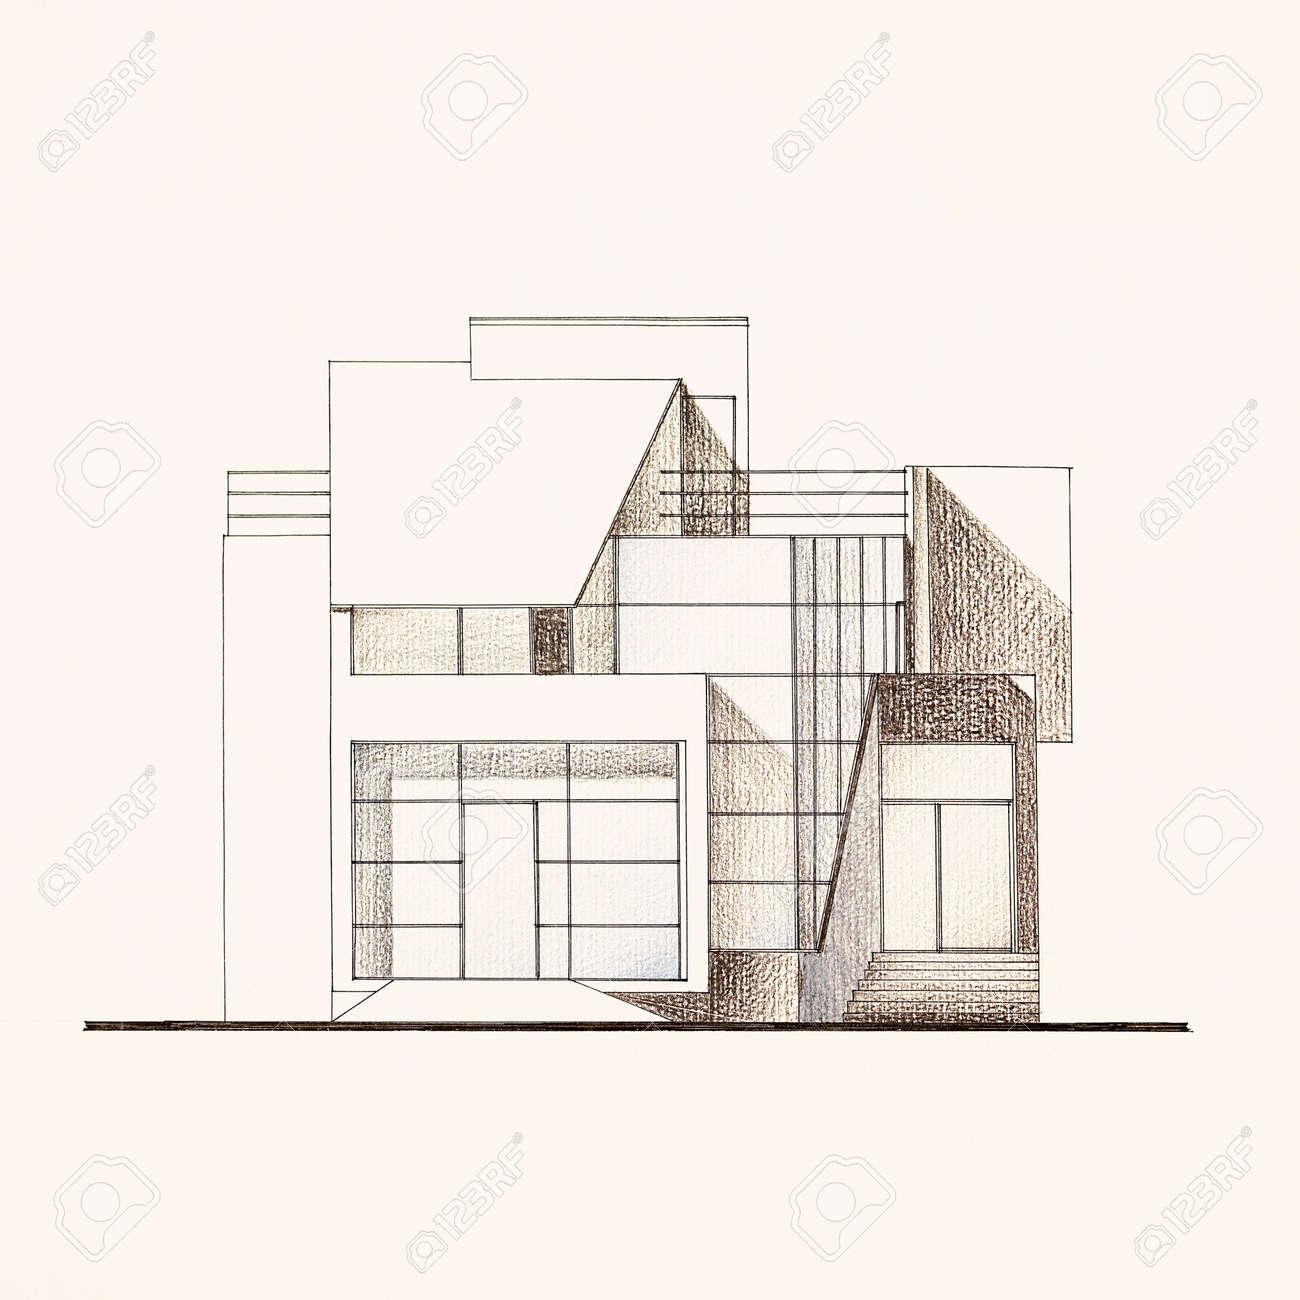 Couleur Du Modèle Architectural Façade De La Maison Moderne Dessiné